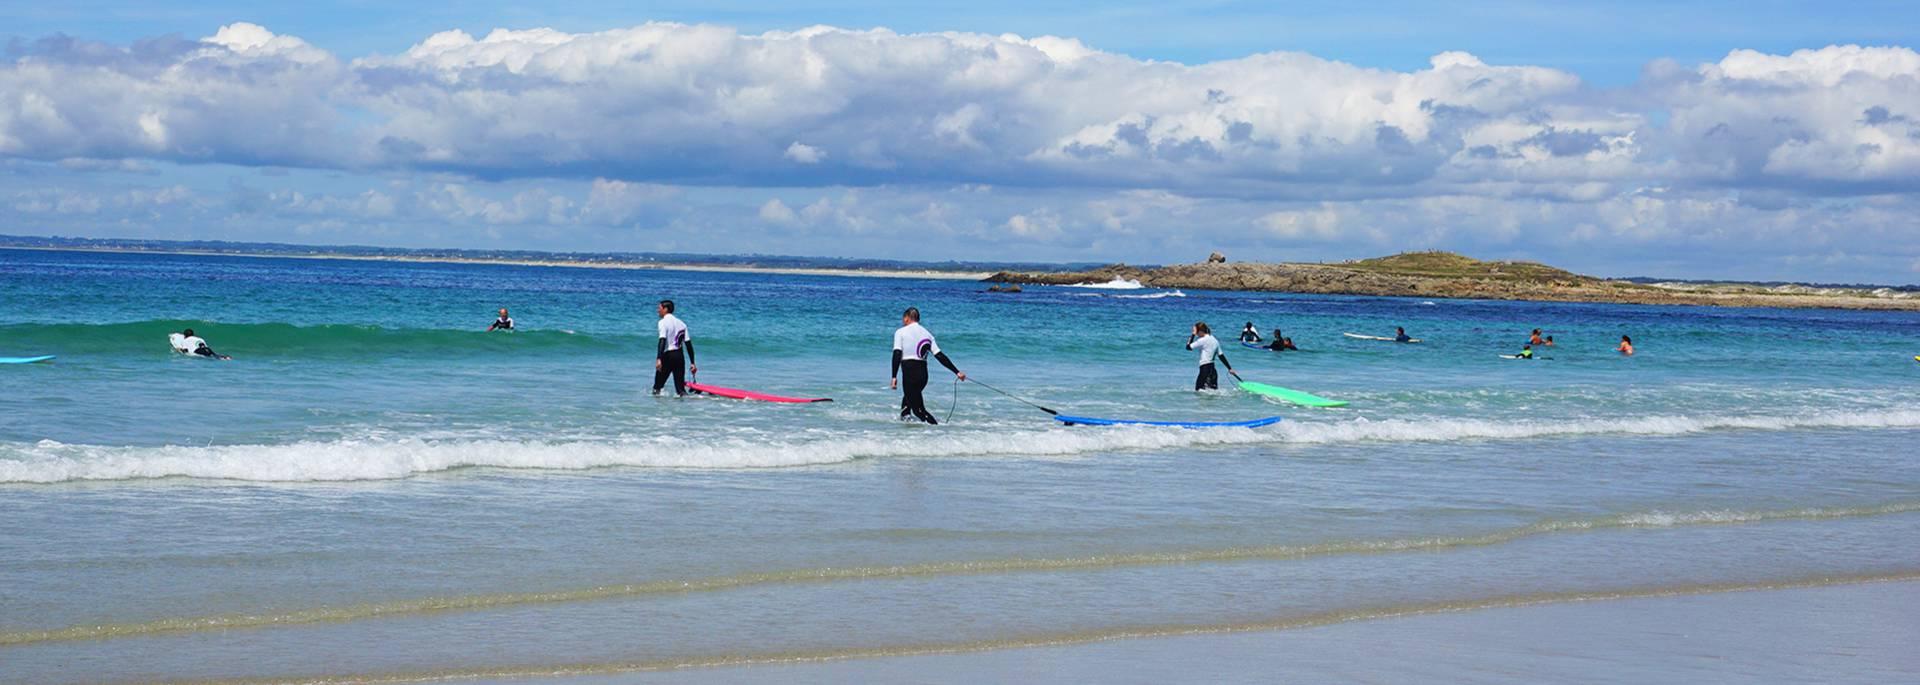 Surf à la Pors Carn près de la Torche en Pays Bigouden © E Cleret